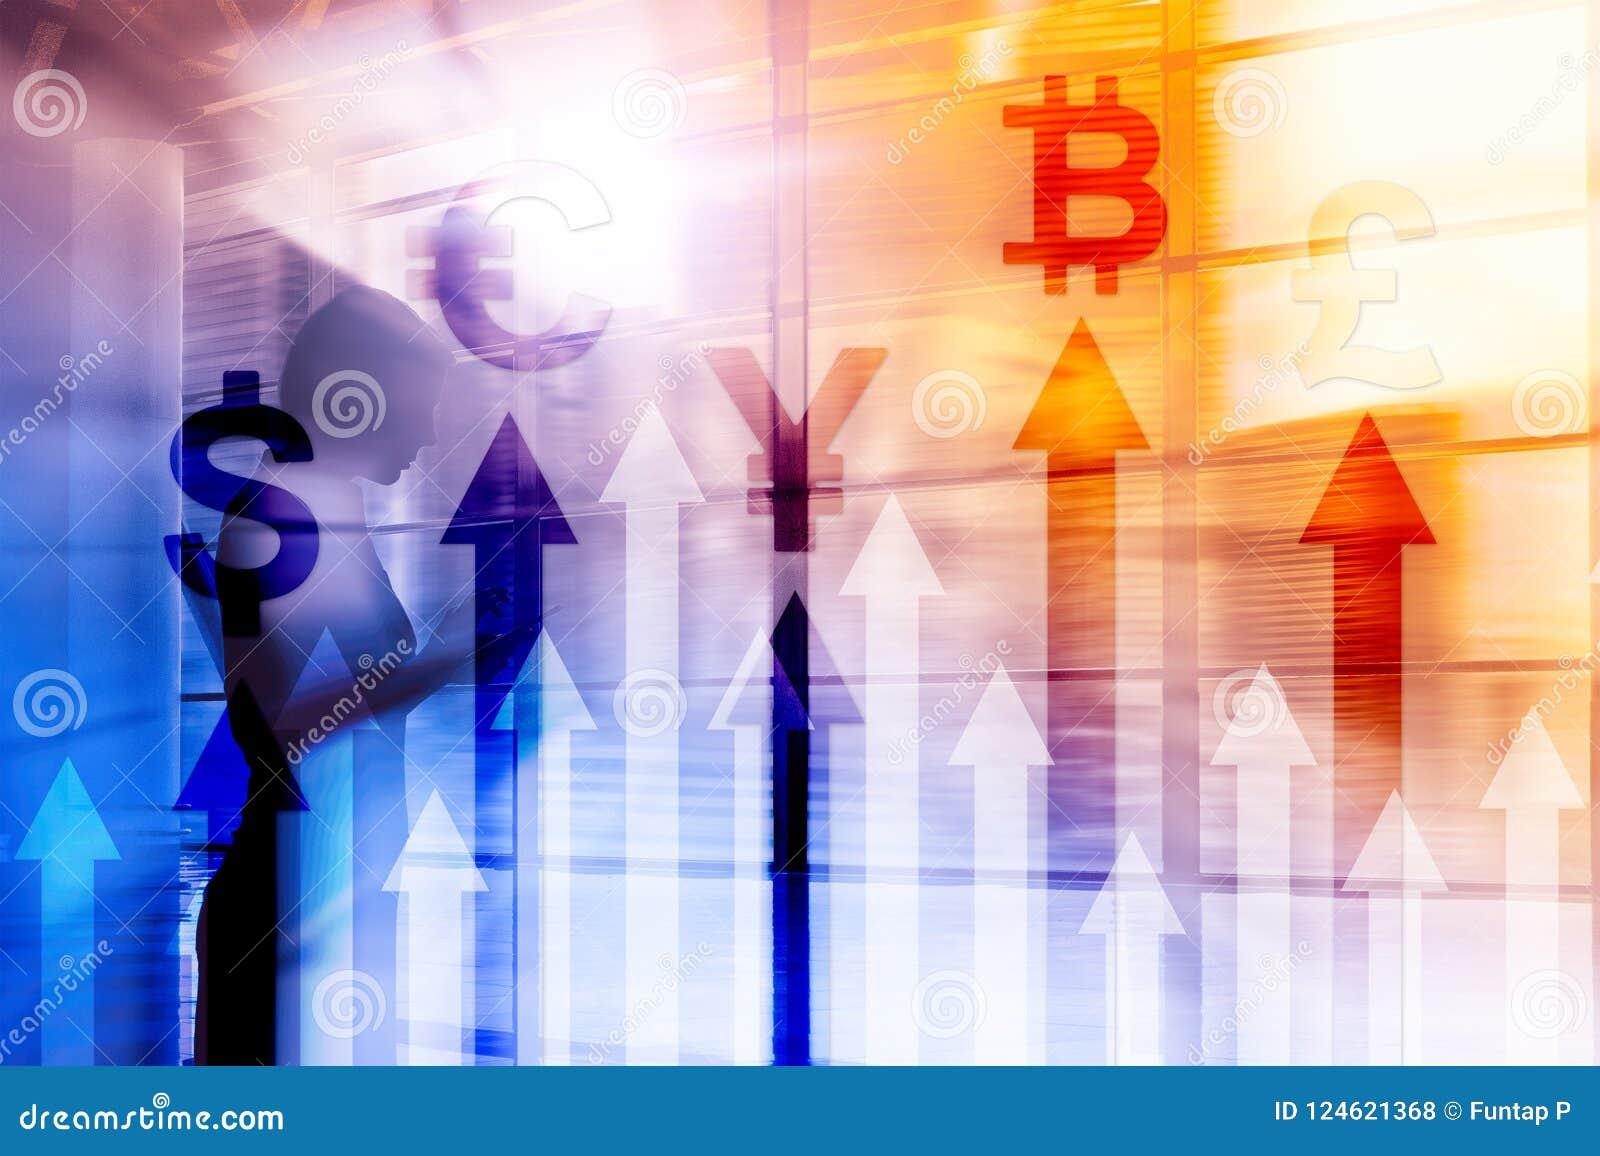 Торговля акциями и валютой торговля на спортивной бирже betfair за 93 минуты